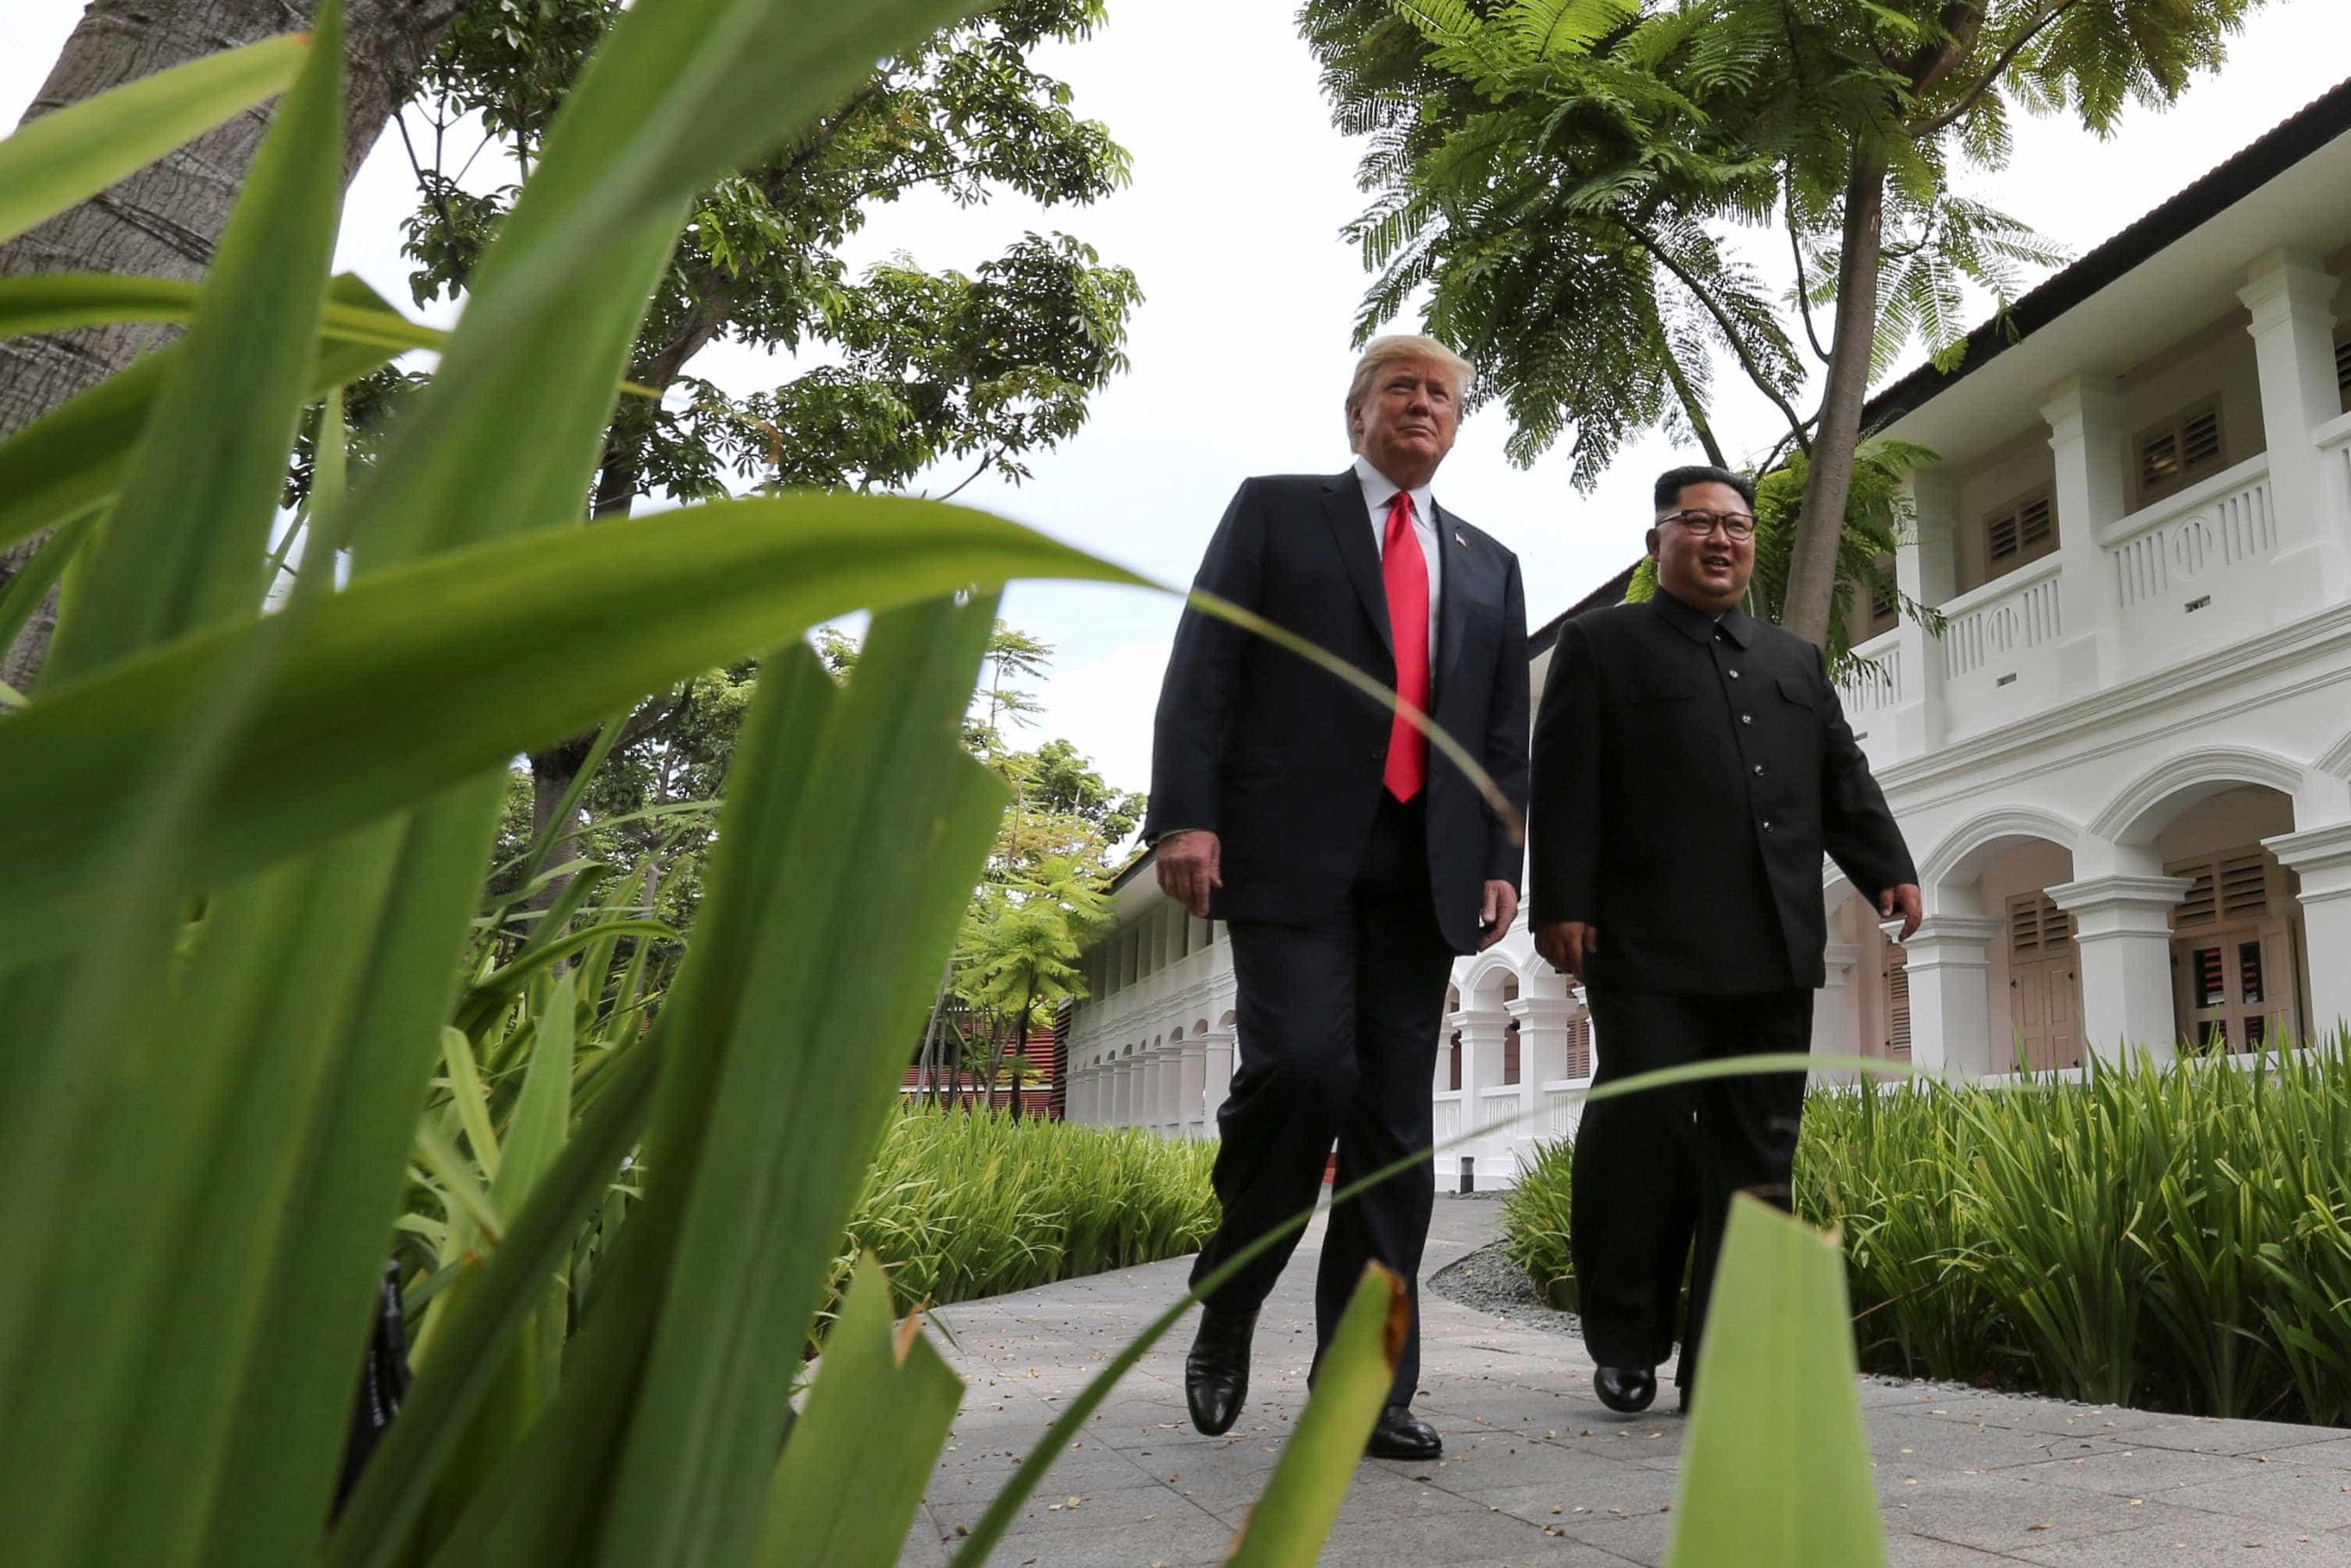 Trump exibe vídeo com trens e prédios para atrair Coreia do Norte